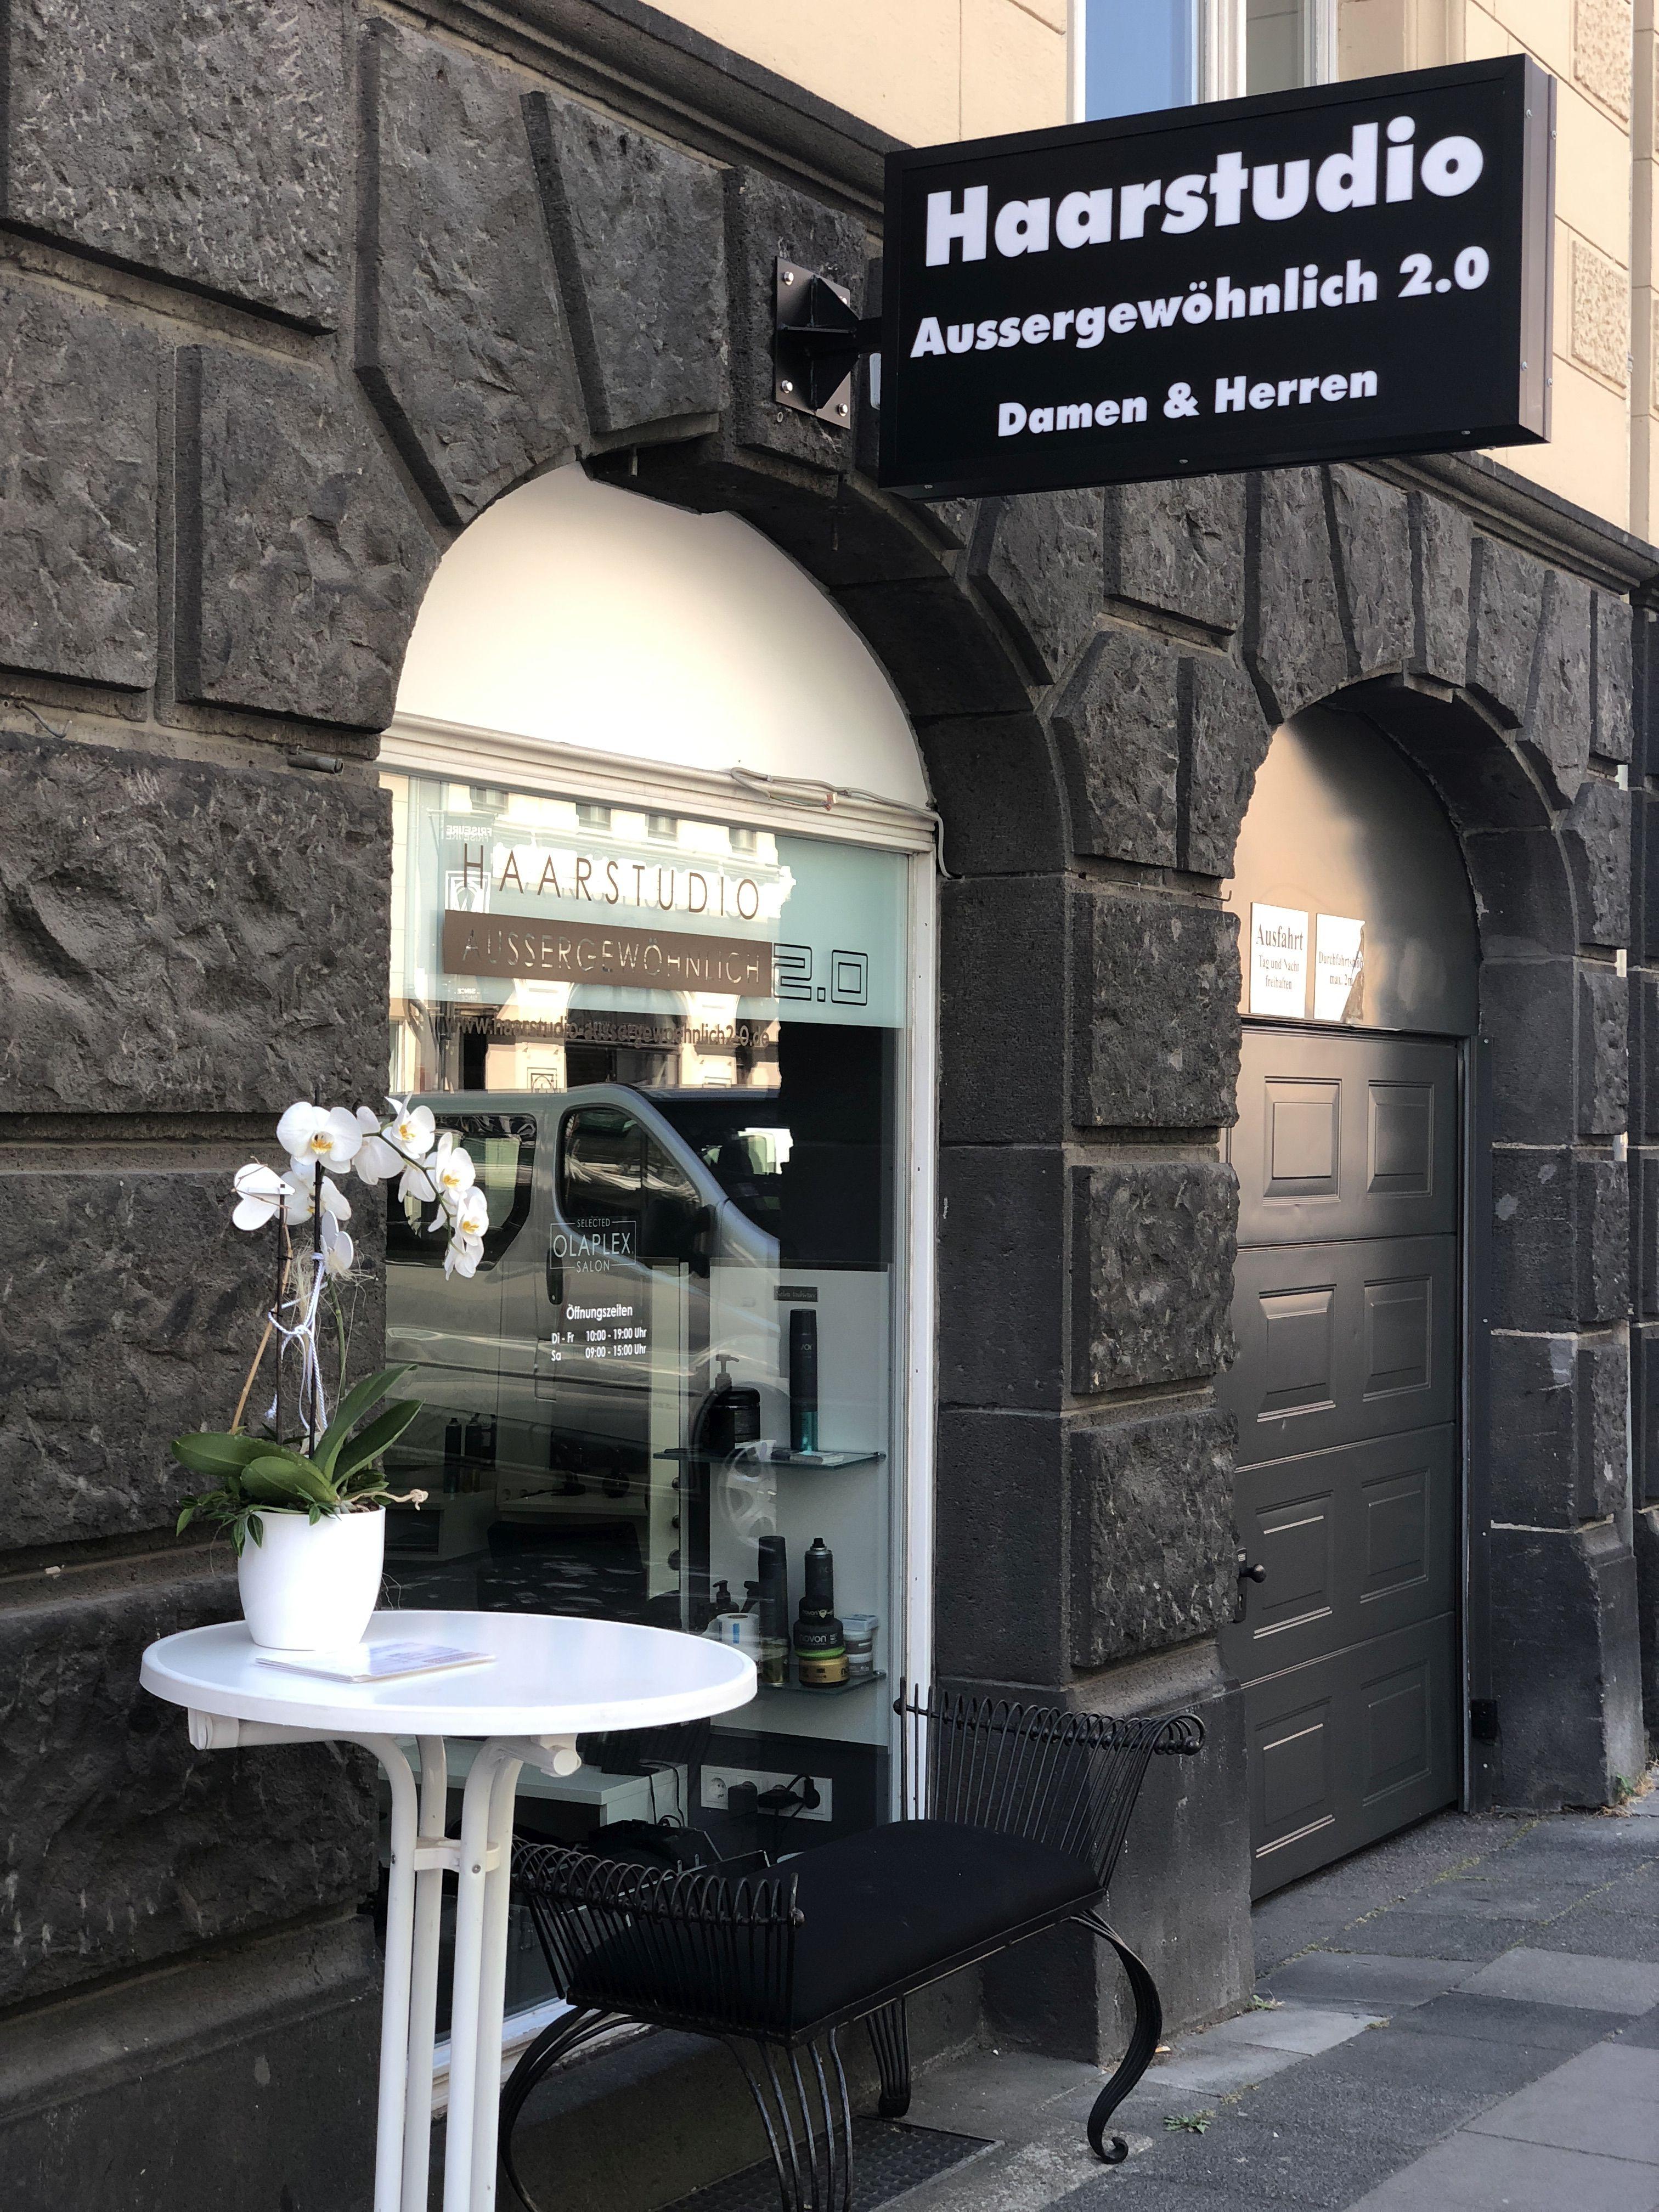 Haarstudio Aussergewöhnlich 2.0, Gladbacher Str. 17 in Köln